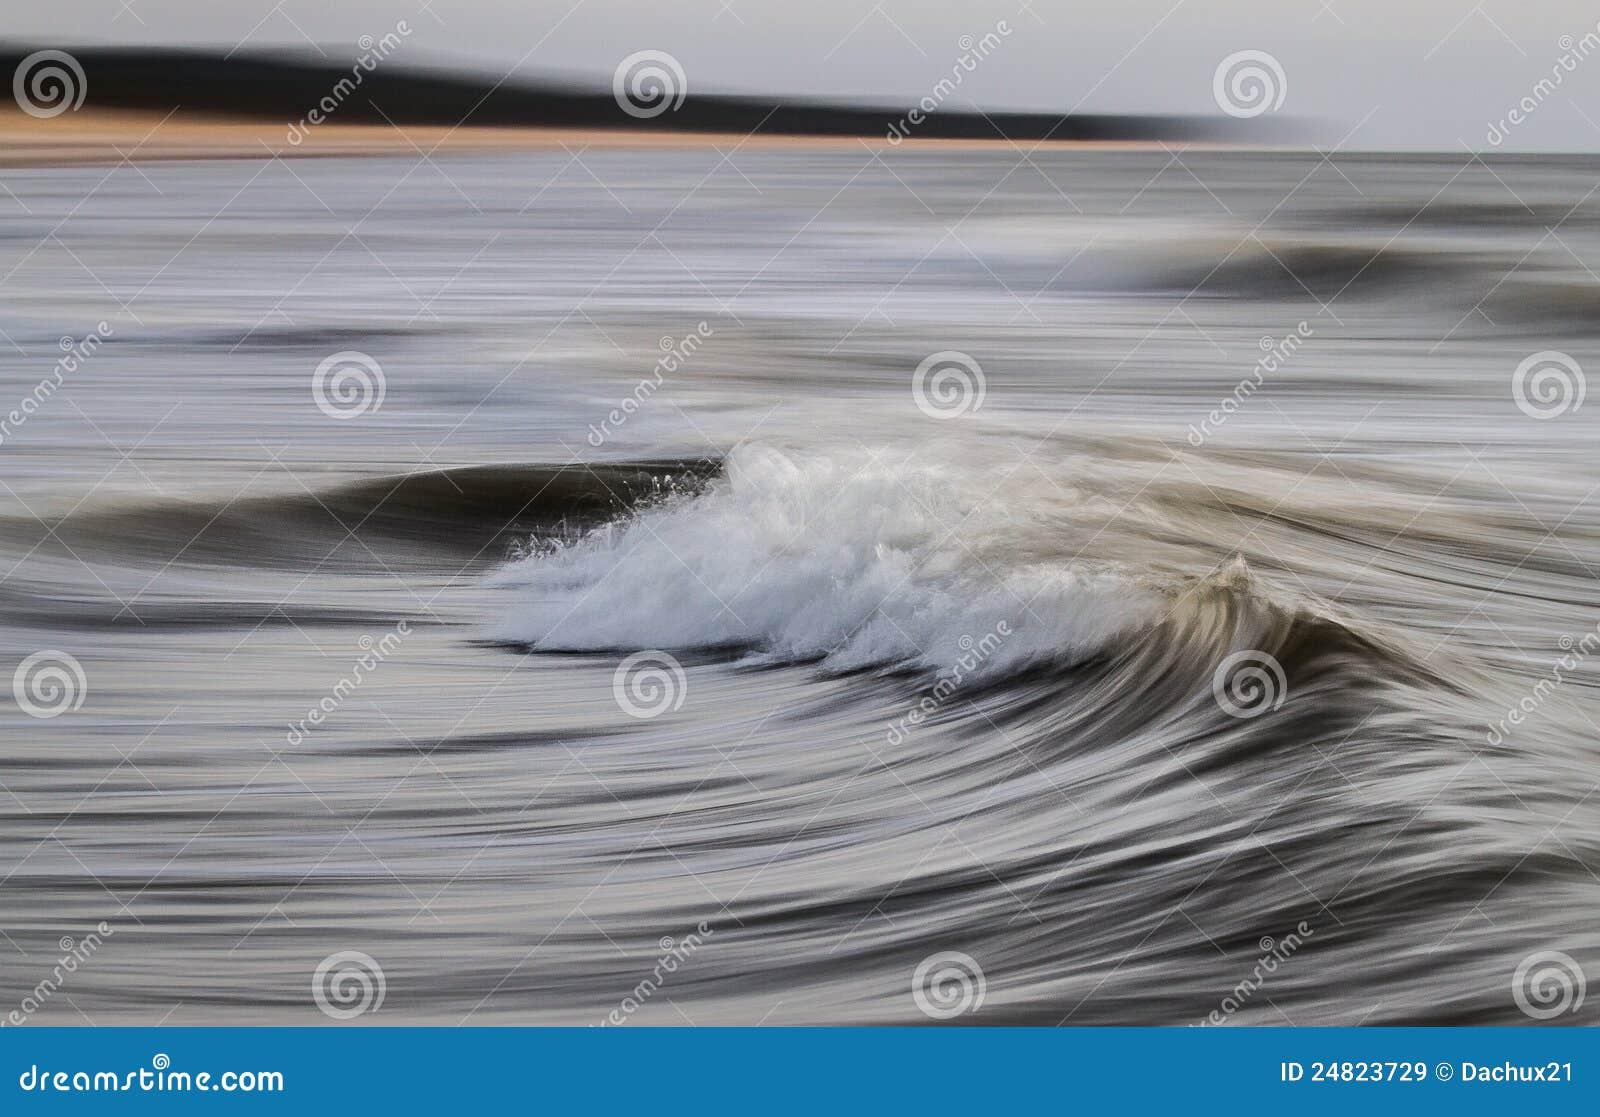 Tiro longo da exposição de ondas do mar